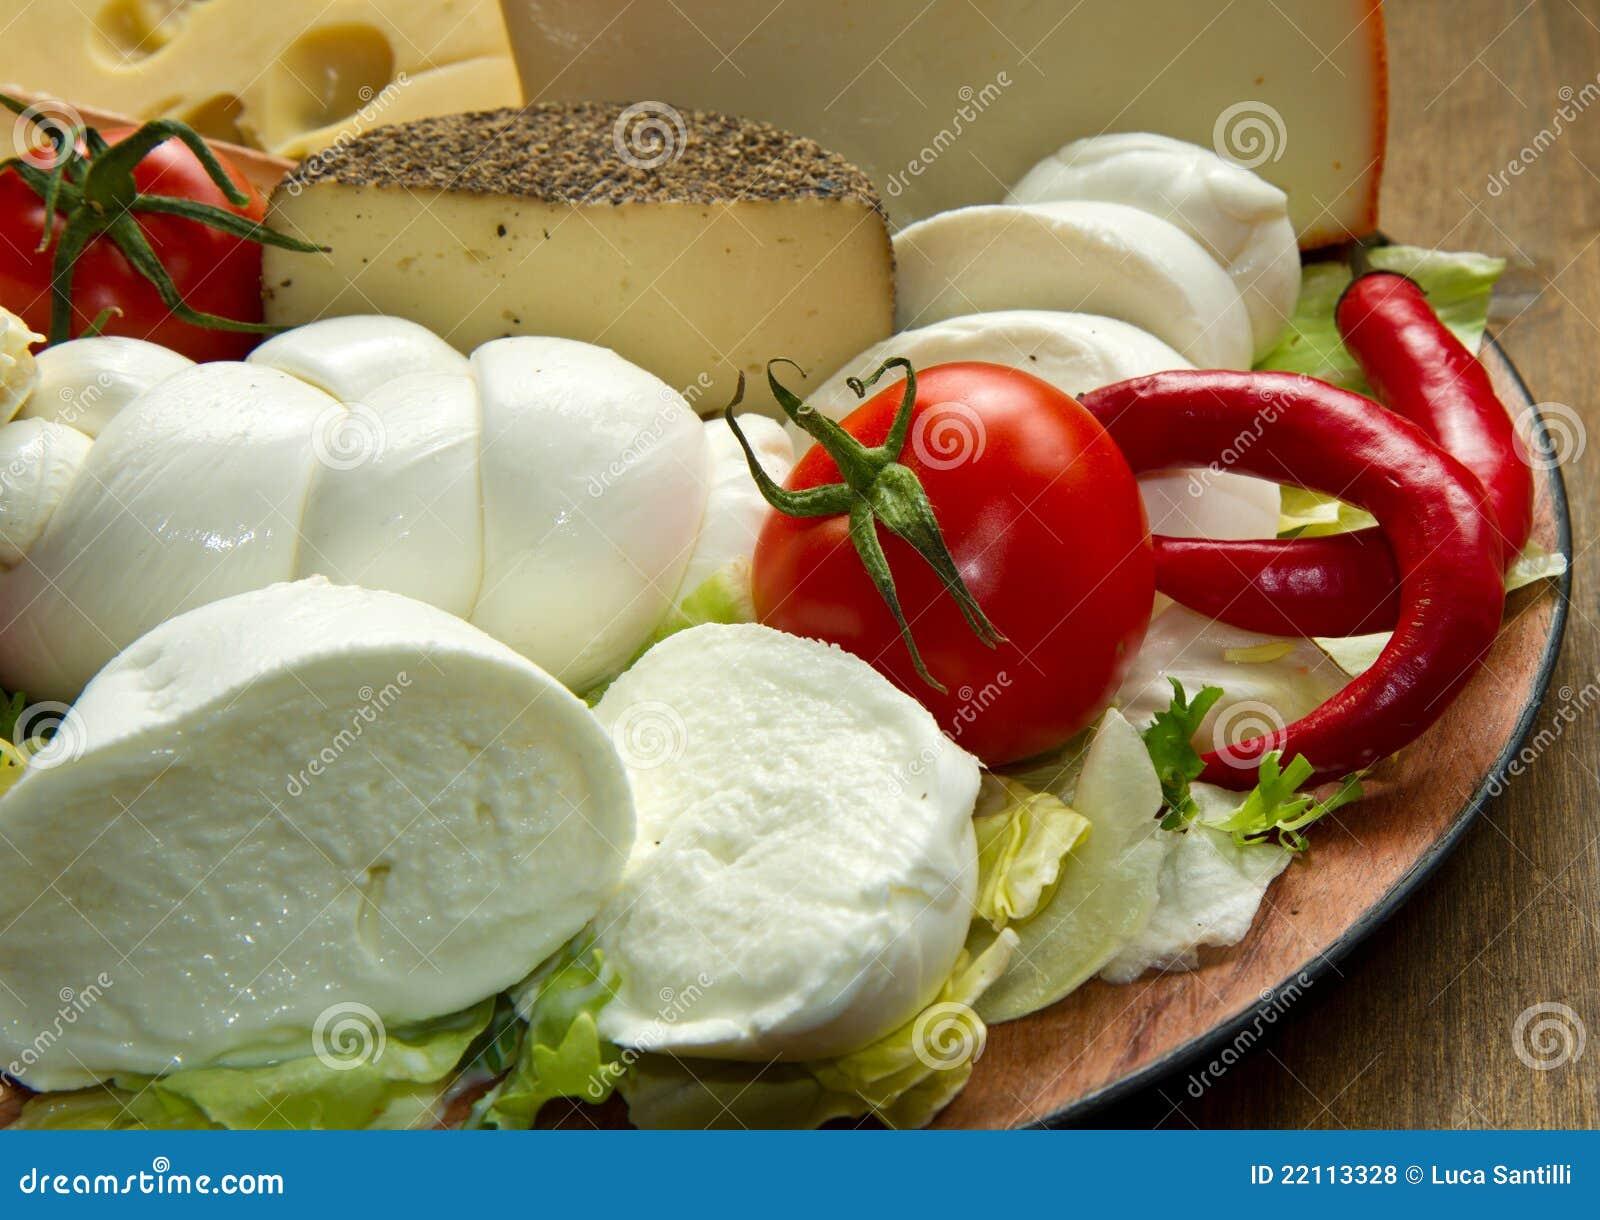 Divers types de fromage